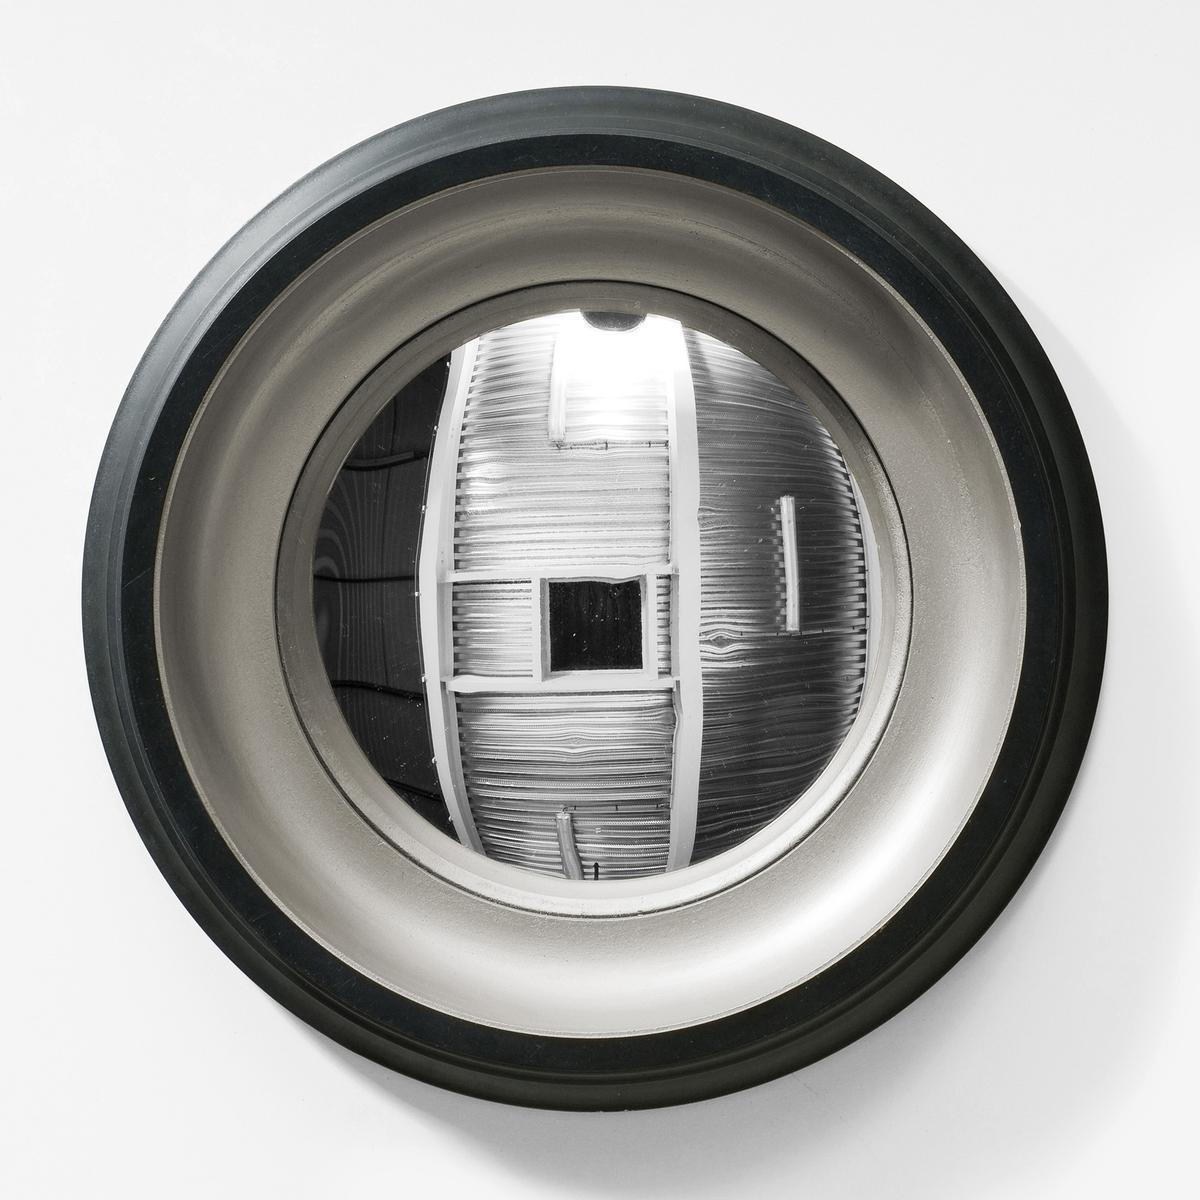 Зеркало Samantha, диаметр 43 смЗеркало с выпуклым алюминиевым стеклом наделит Вас магической силой...- Рамка из МДФ, покрытие краской черного и золотистого цветов.- Выпуклое алюминиевое стекло.- Крепление на стену с помощью врезанного металлического люверса.Размеры : диаметр 43 см.<br><br>Цвет: черный/ золотистый,черный/ серебристый